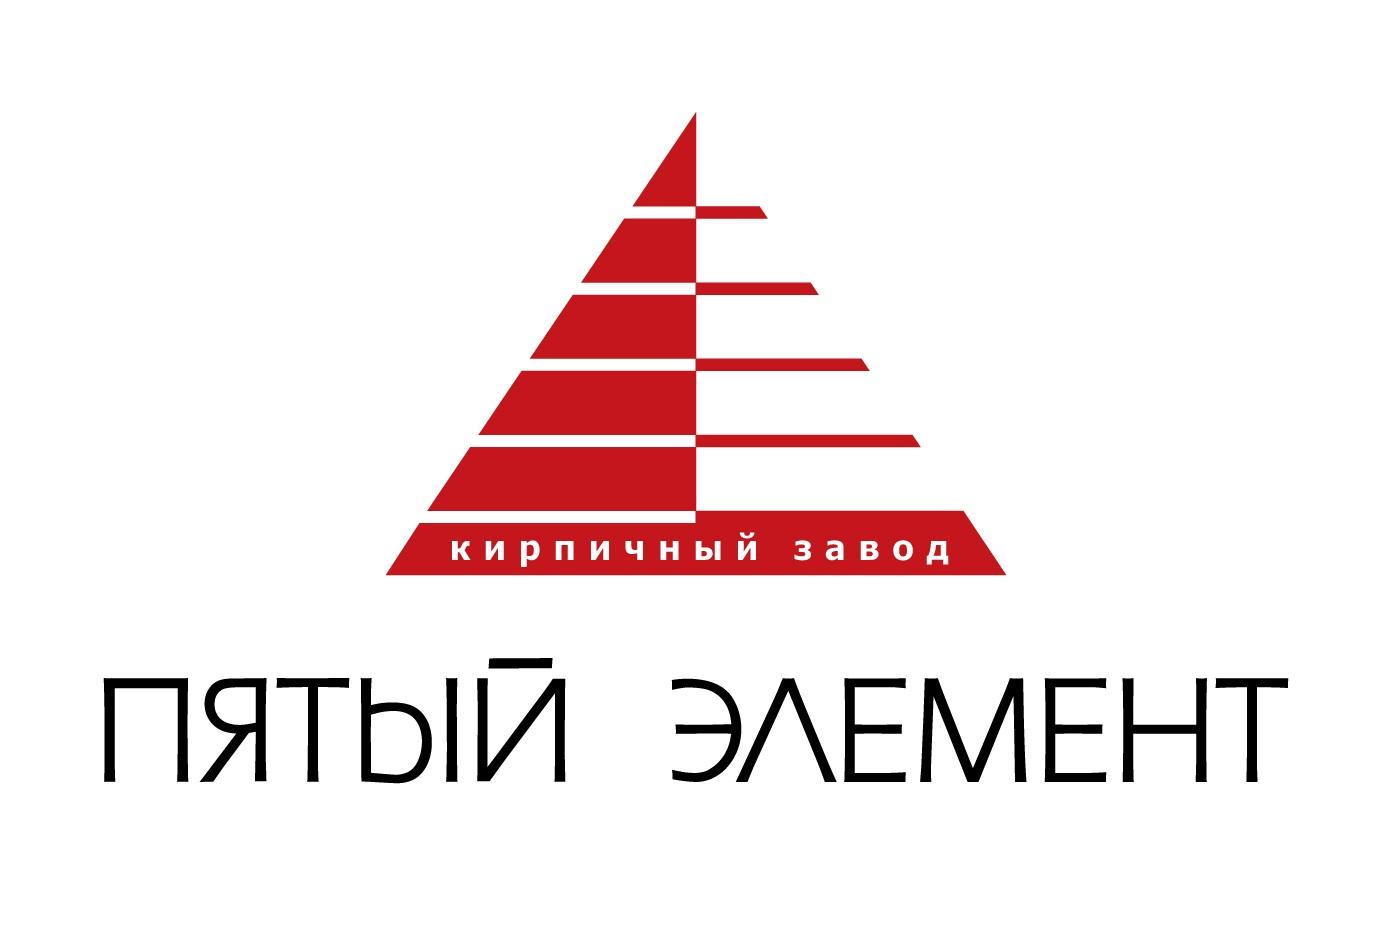 """Кирпичный завод """"ПЯТЫЙ ЭЛЕМЕНТ"""" г. Калининград"""